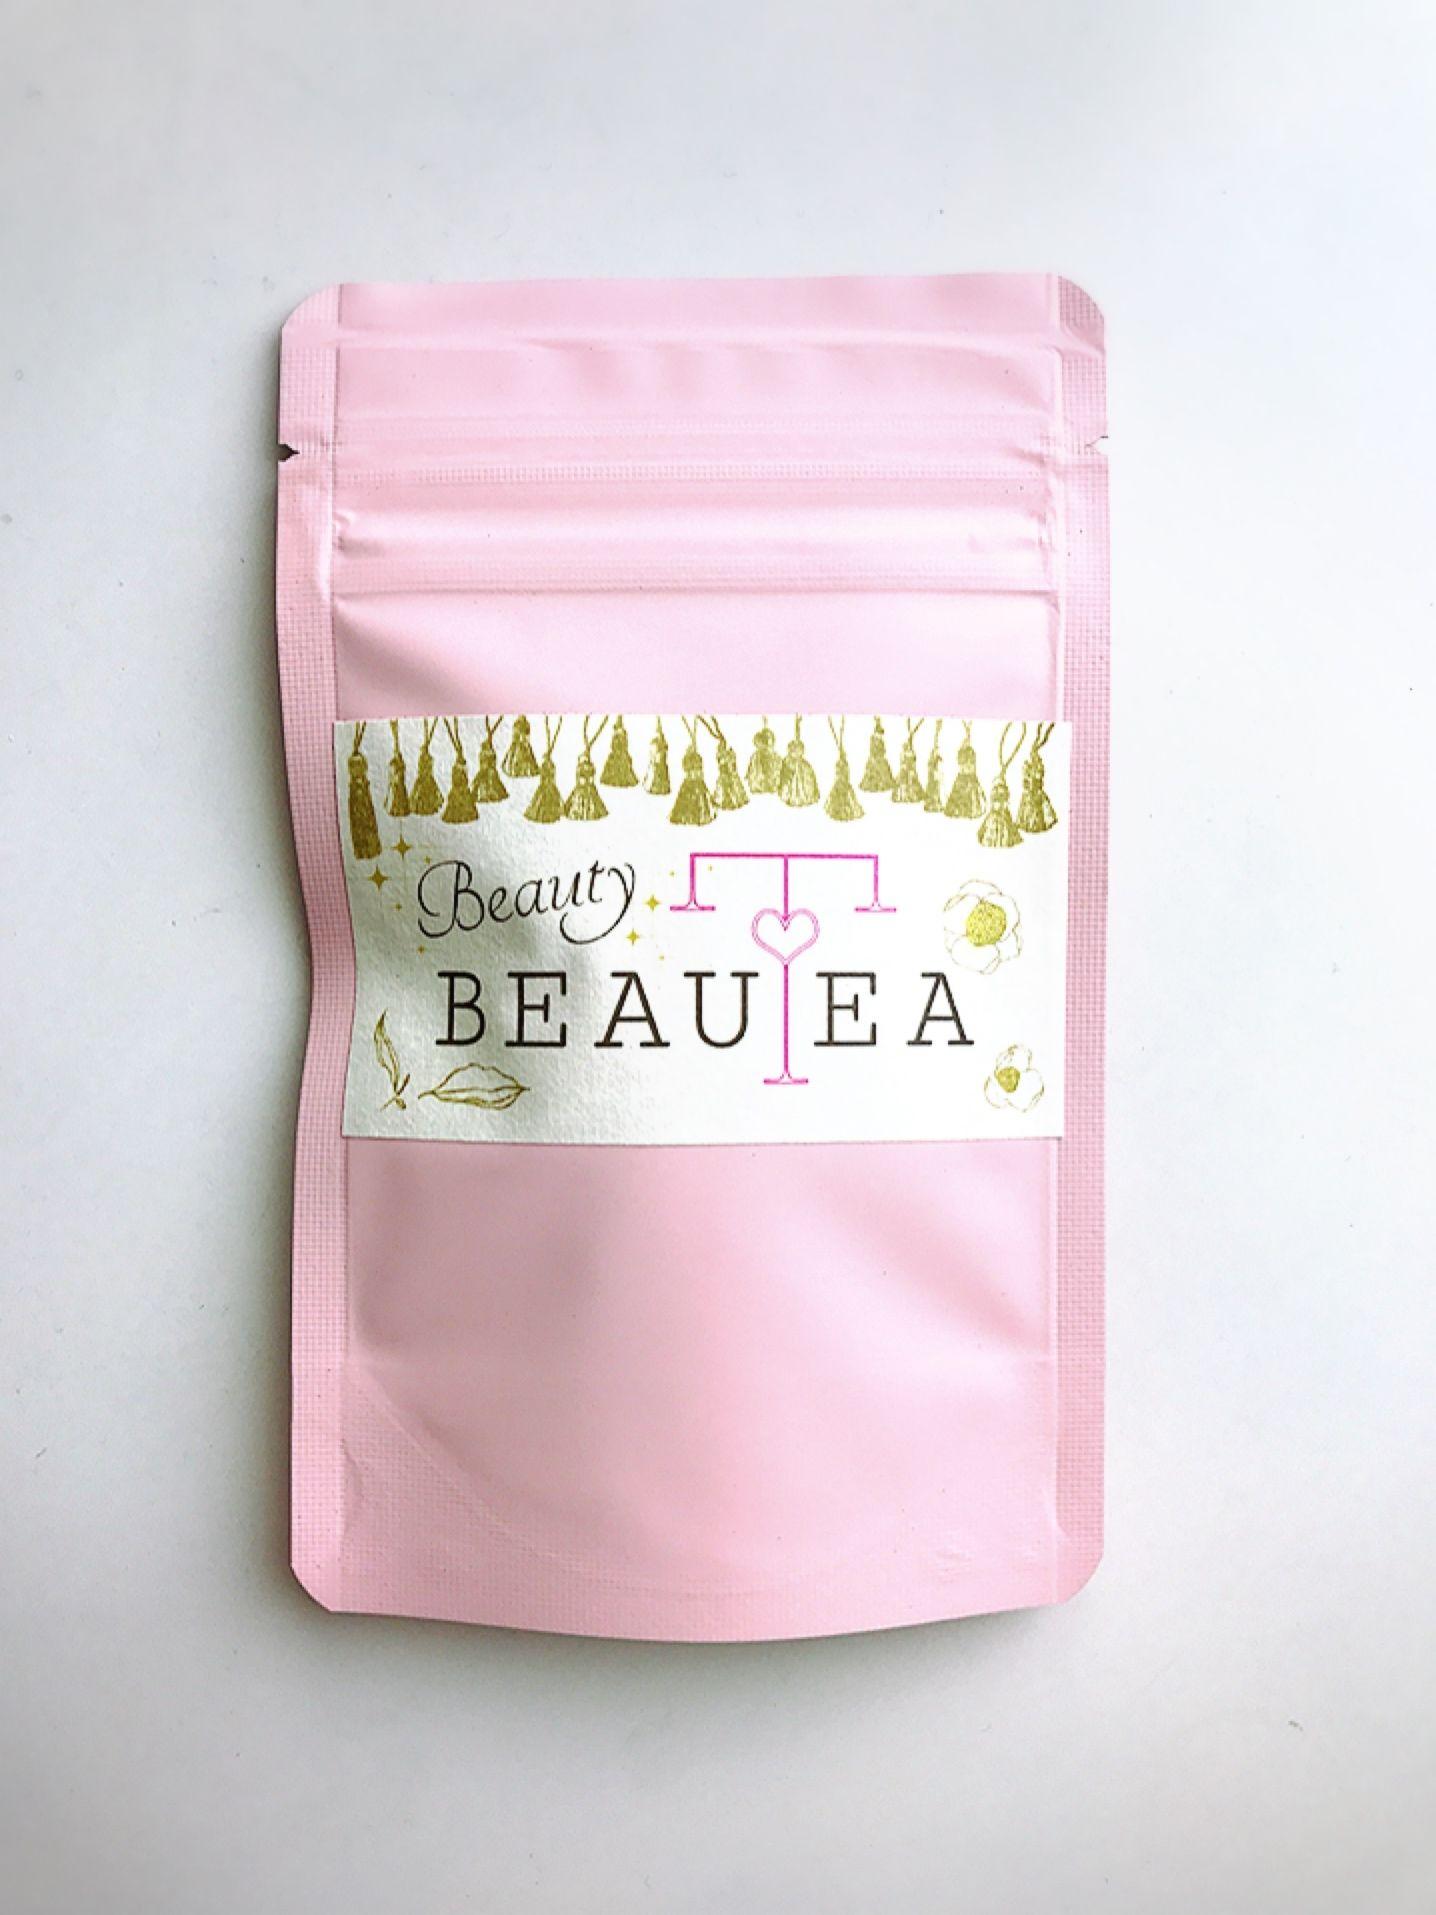 薬膳茶*BeautyBEAUTEAティーバッグ5個入りプチパック(ピンク)3点以上宅急便